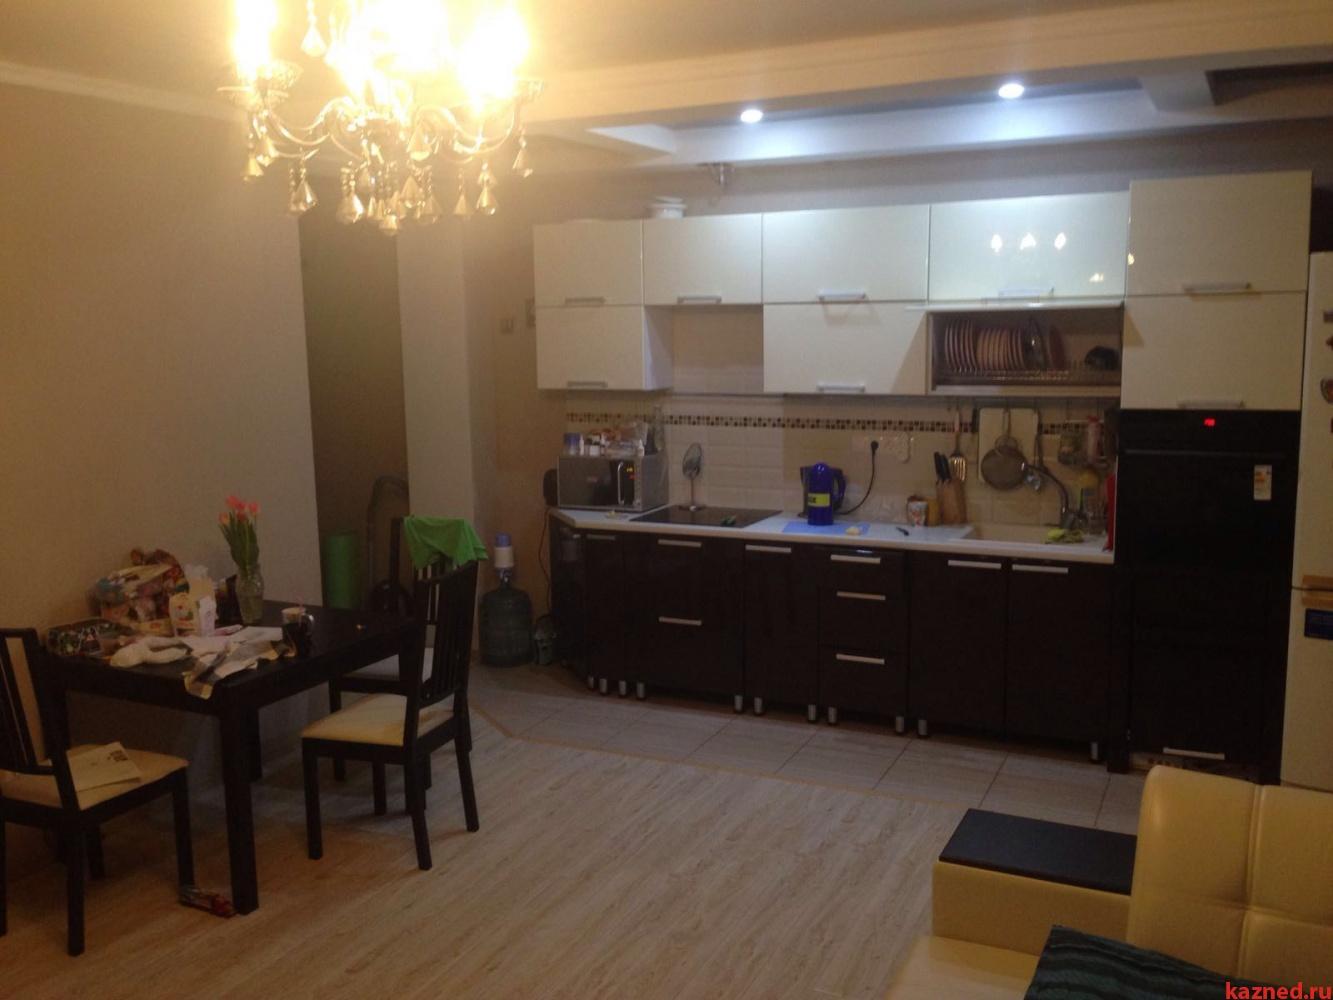 Продажа 3-к квартиры Баруди,18, 70 м² (миниатюра №2)